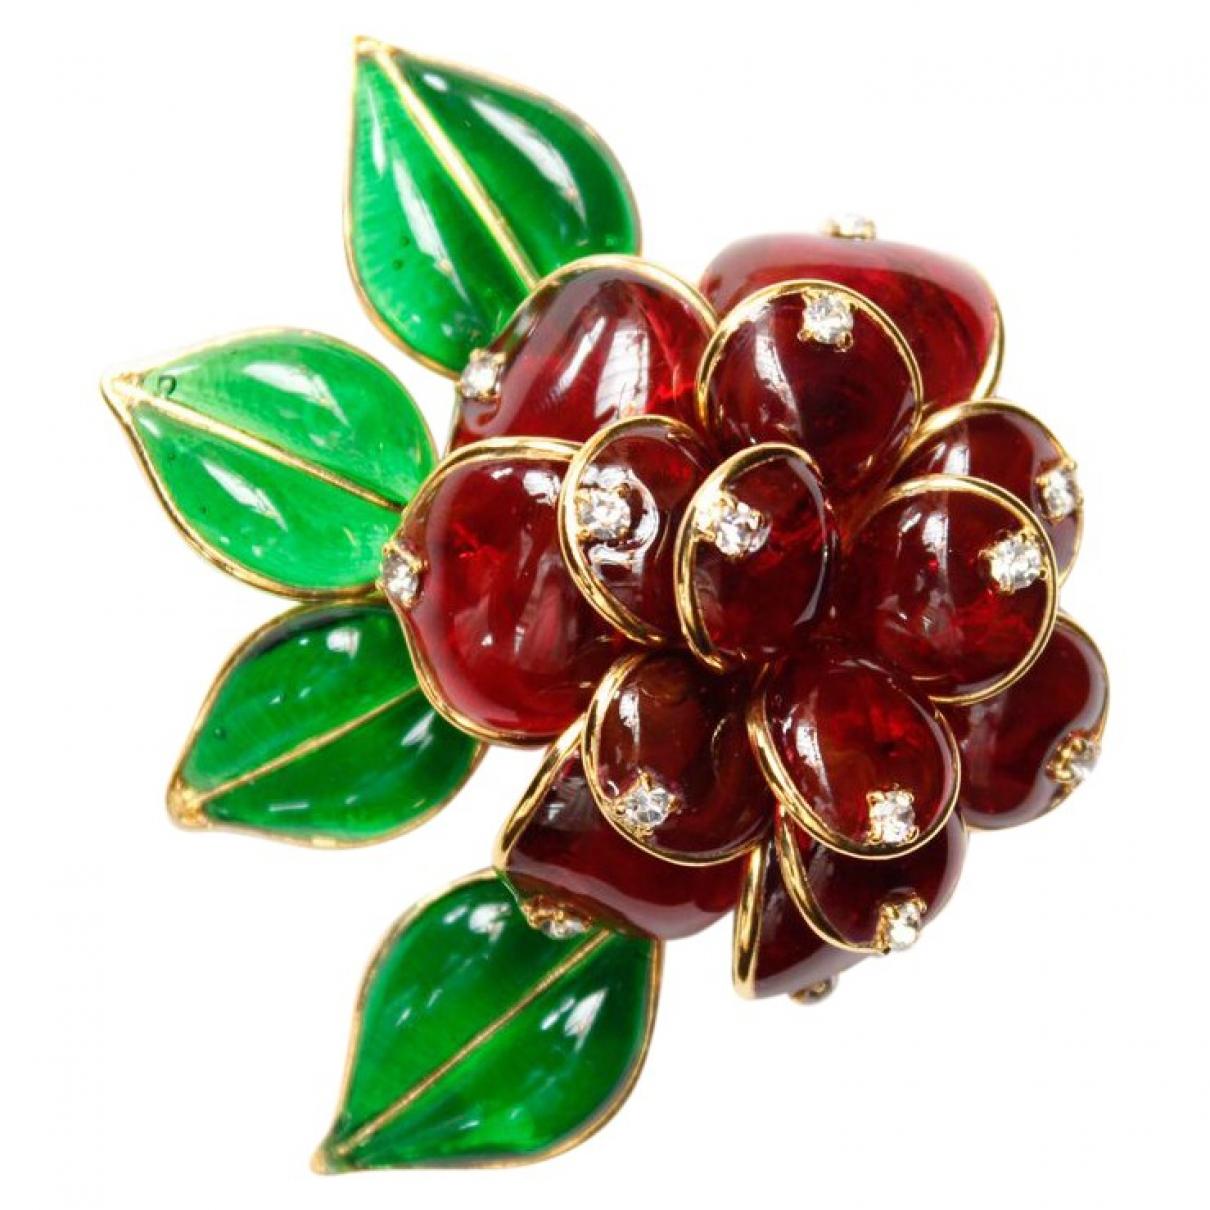 Broche Motifs Floraux en Vidrio Rojo Non Signe / Unsigned